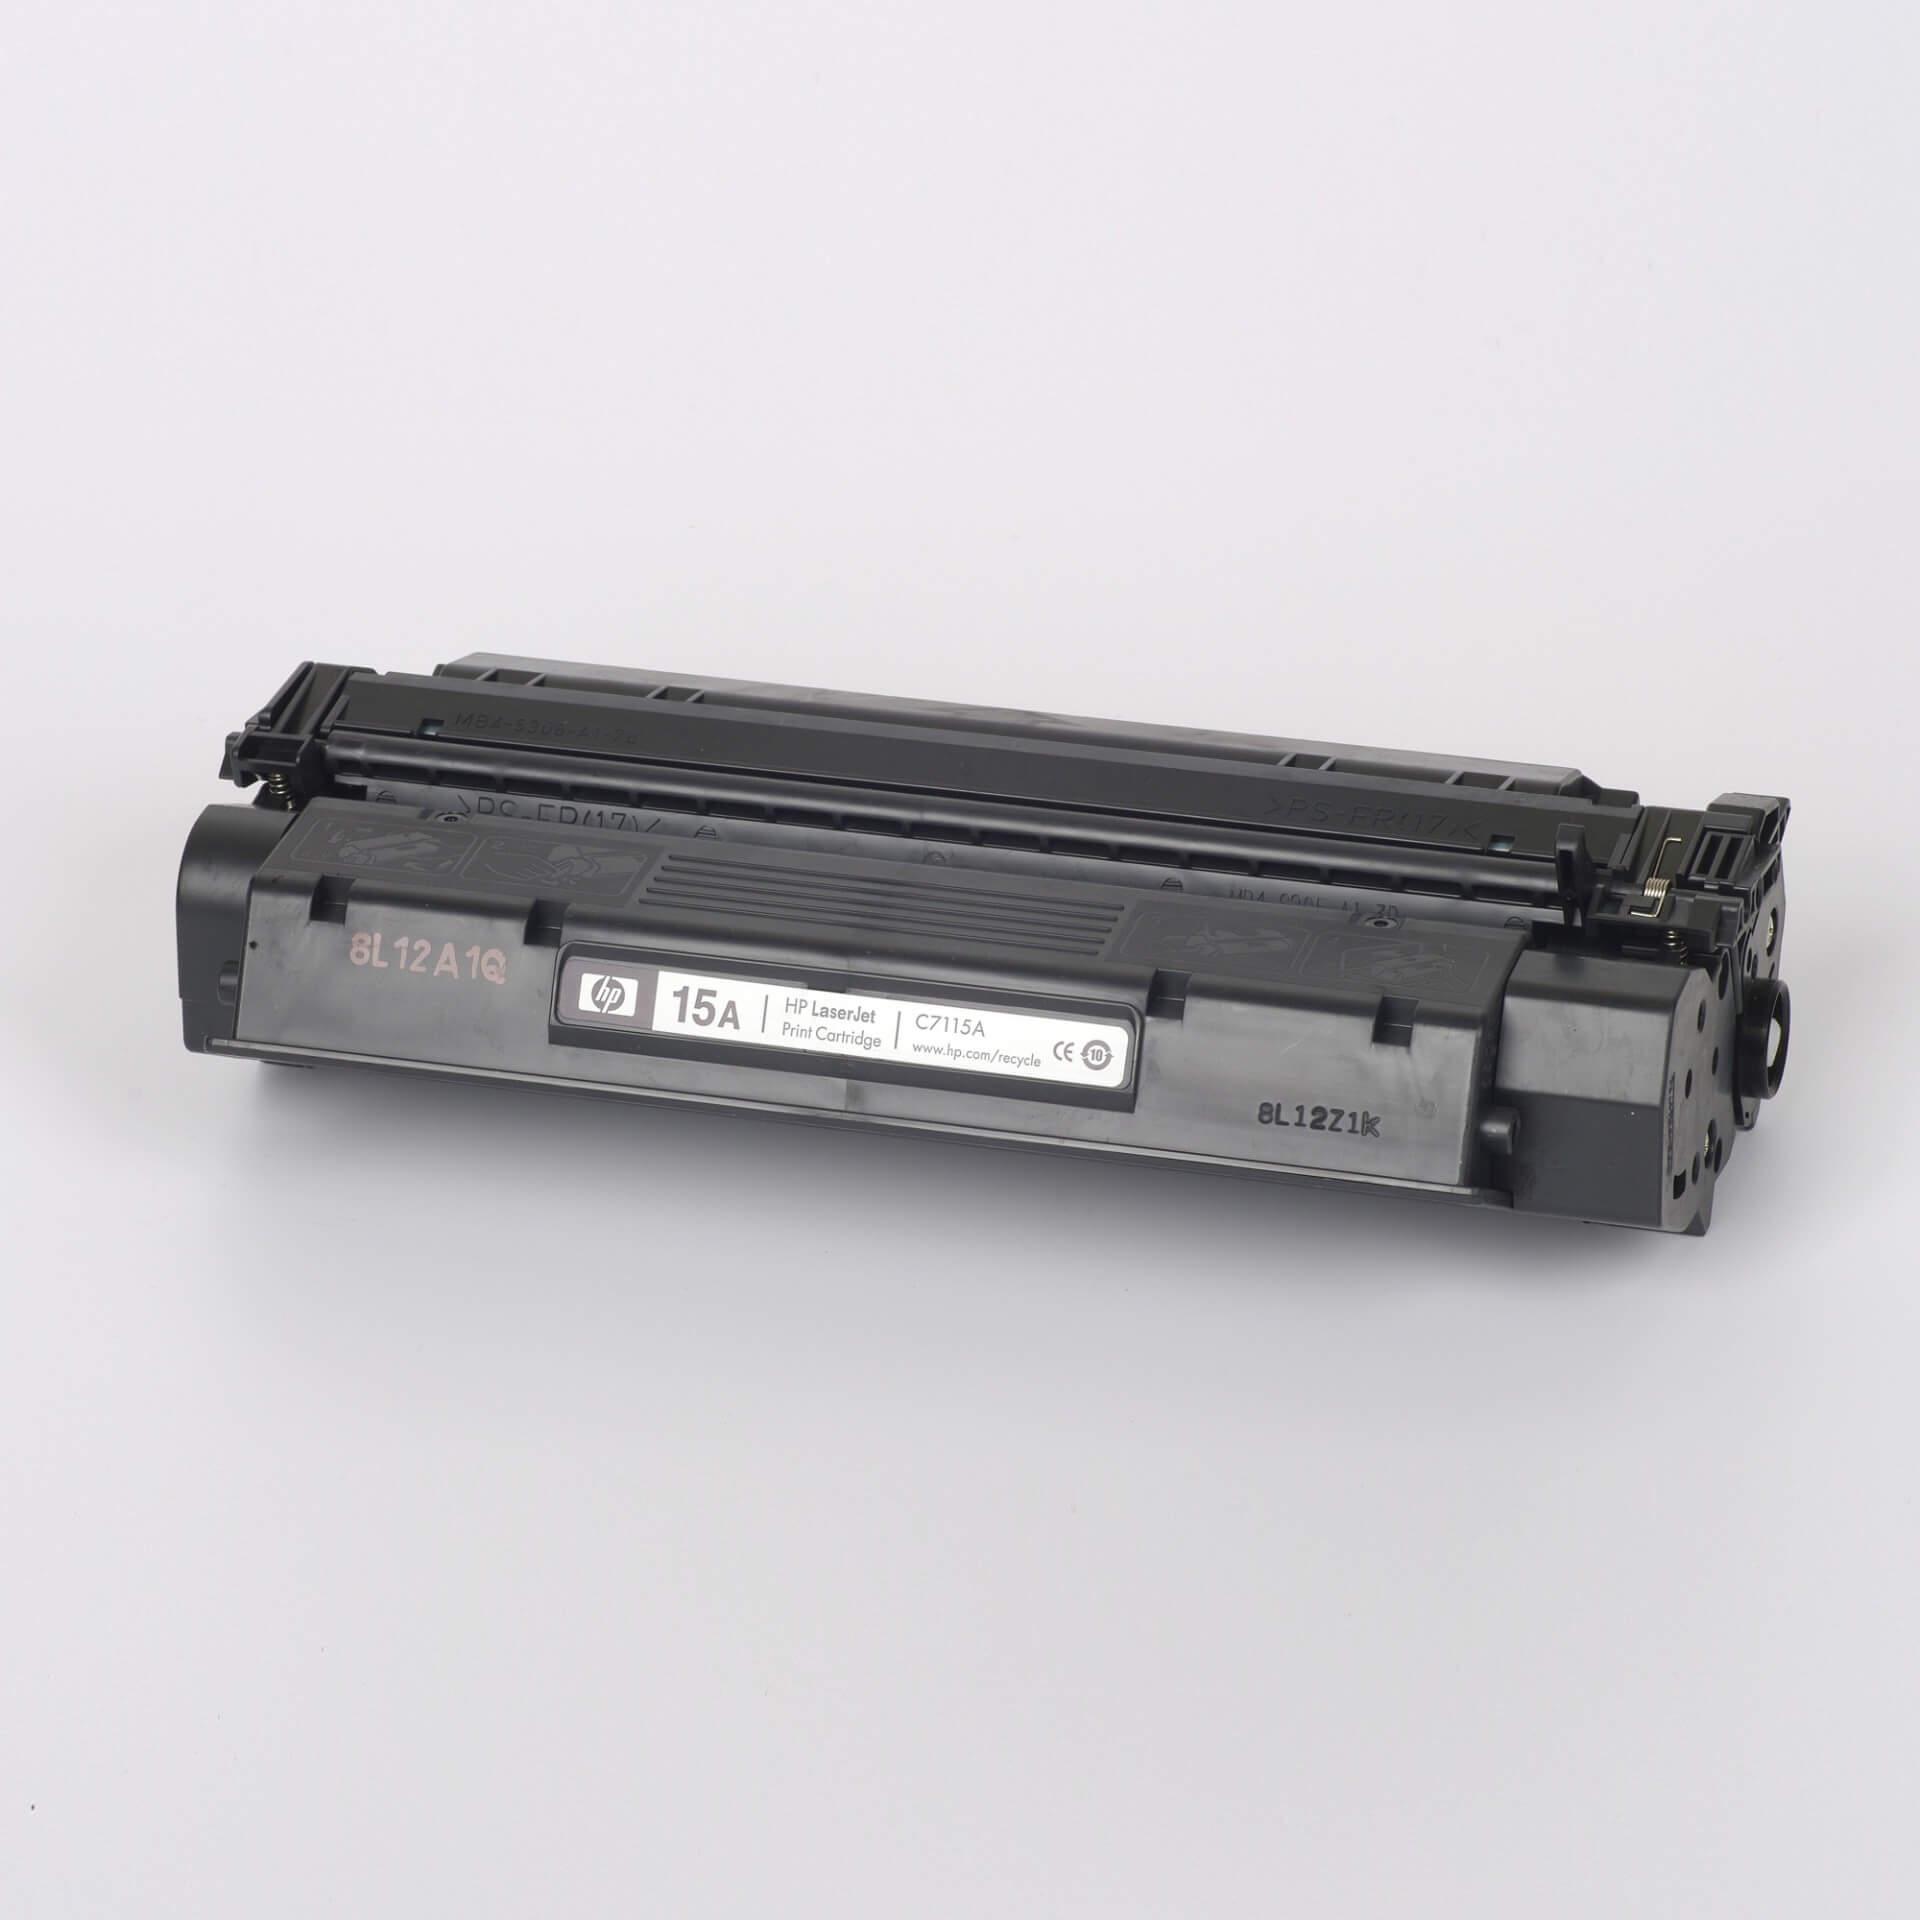 Auf dem Bild sehen Sie eine HP 15A (C7115A) Schwarz Original Tonerkartusche